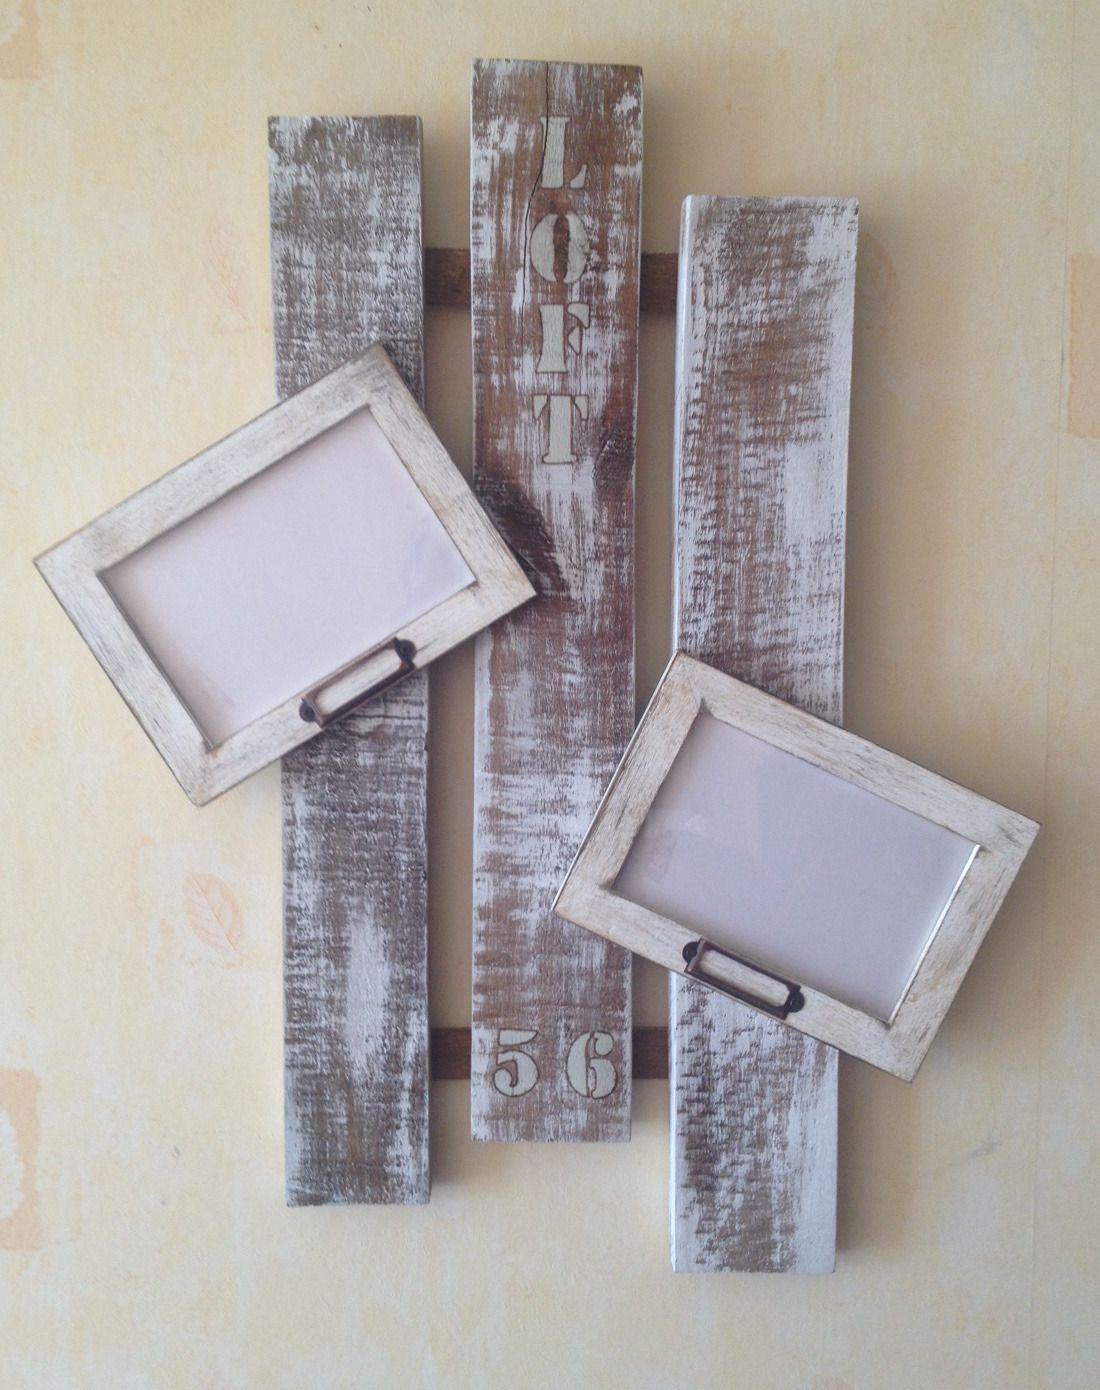 Cadre Original Pour Plusieurs Photos cadres photos sur bois de palette vieilli vintage design